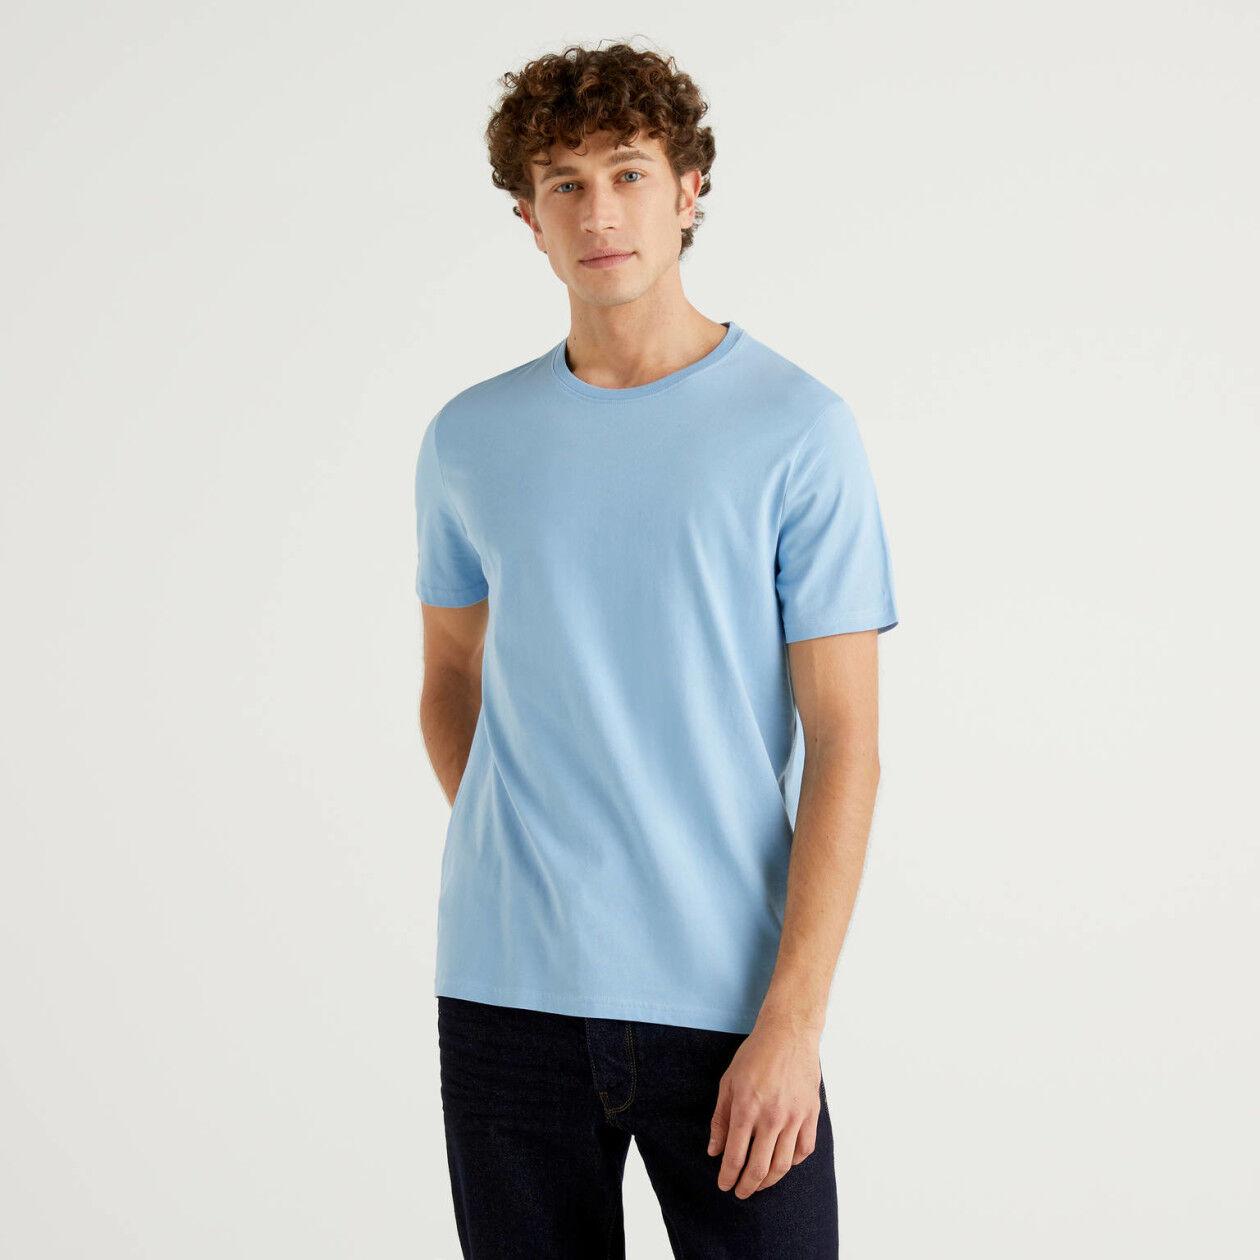 Hellblaues T-Shirt aus reiner Baumwolle